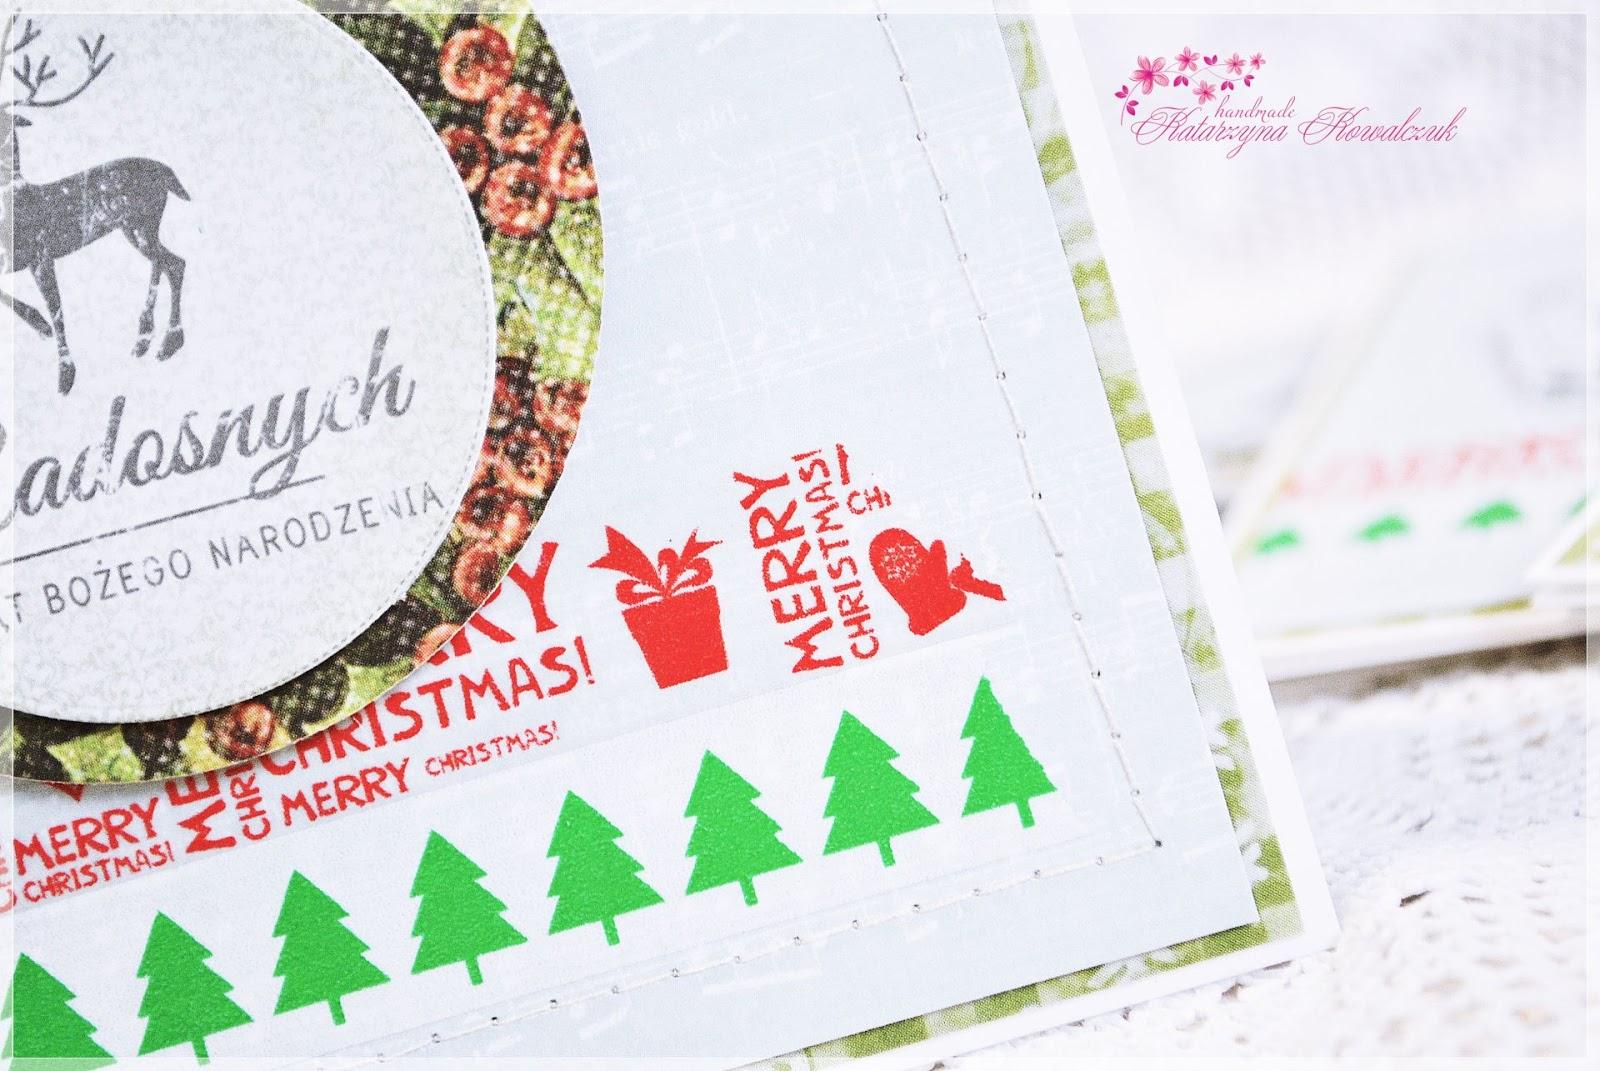 Kartka Bożonarodzeniowa, świąteczna, scrapbooking